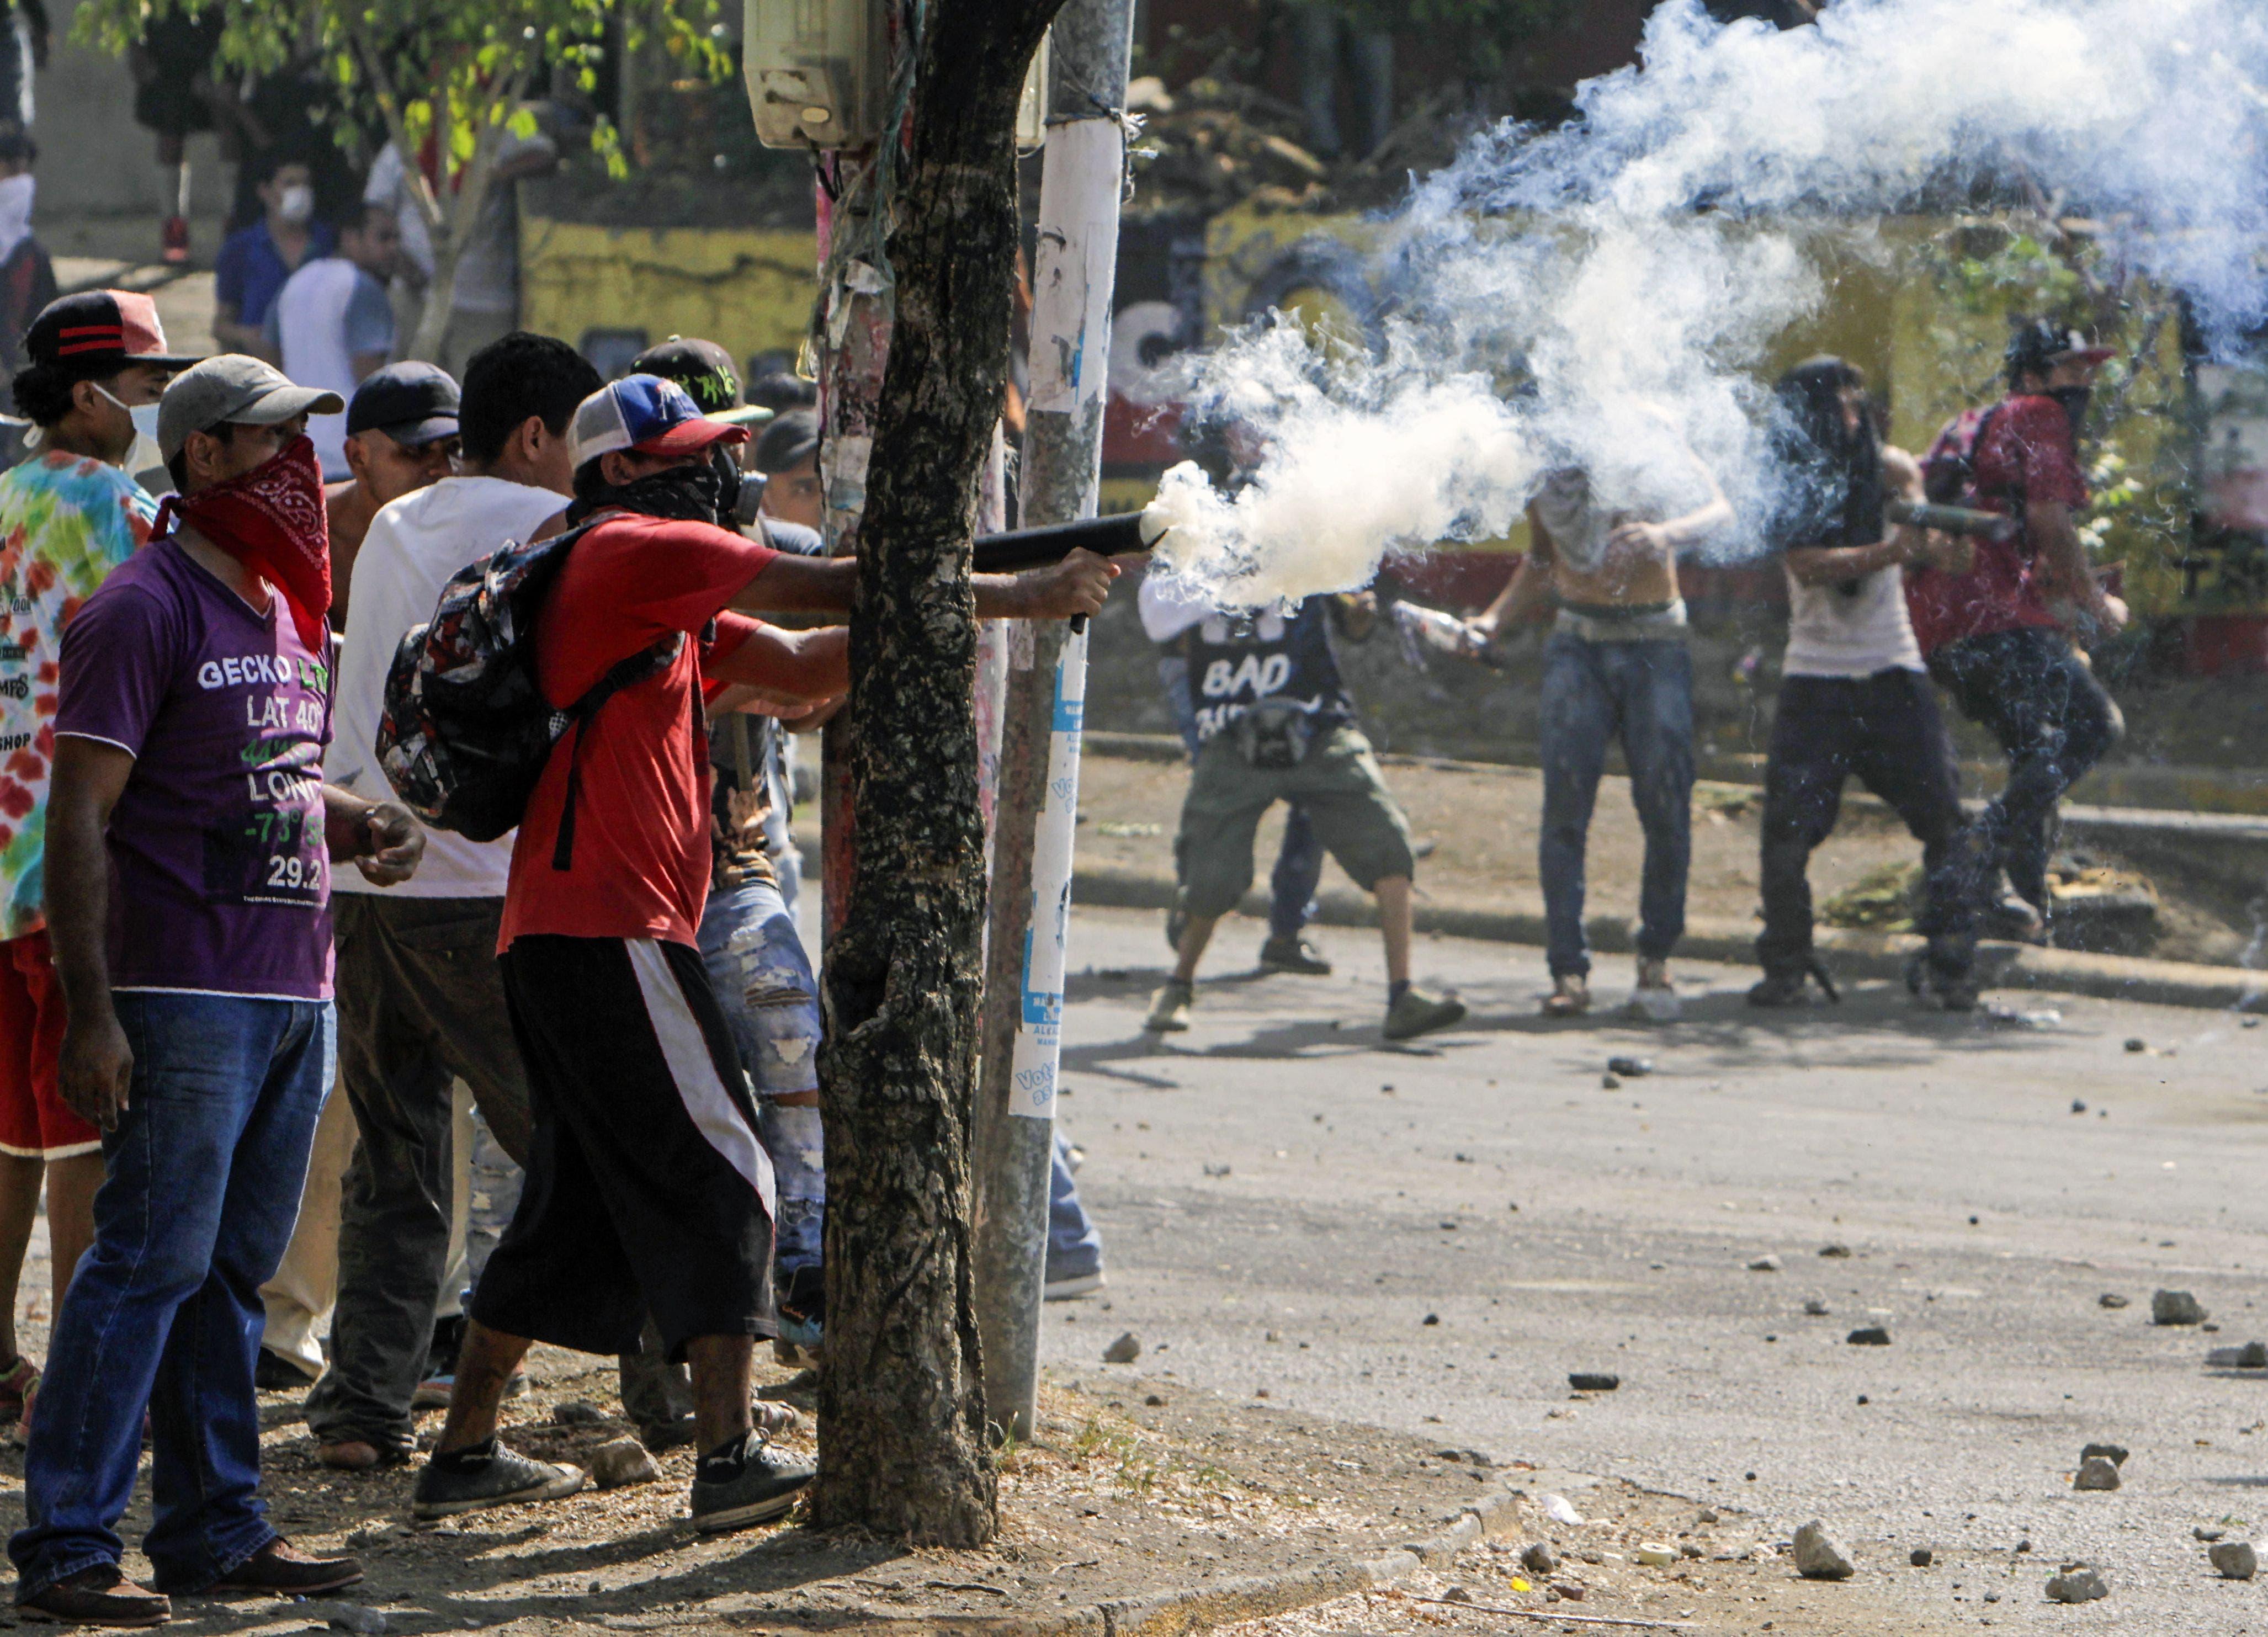 Fotos: En Nicaragua hay al menos 27 muertos y 100 heridos por protestas tras la derogación de reforma